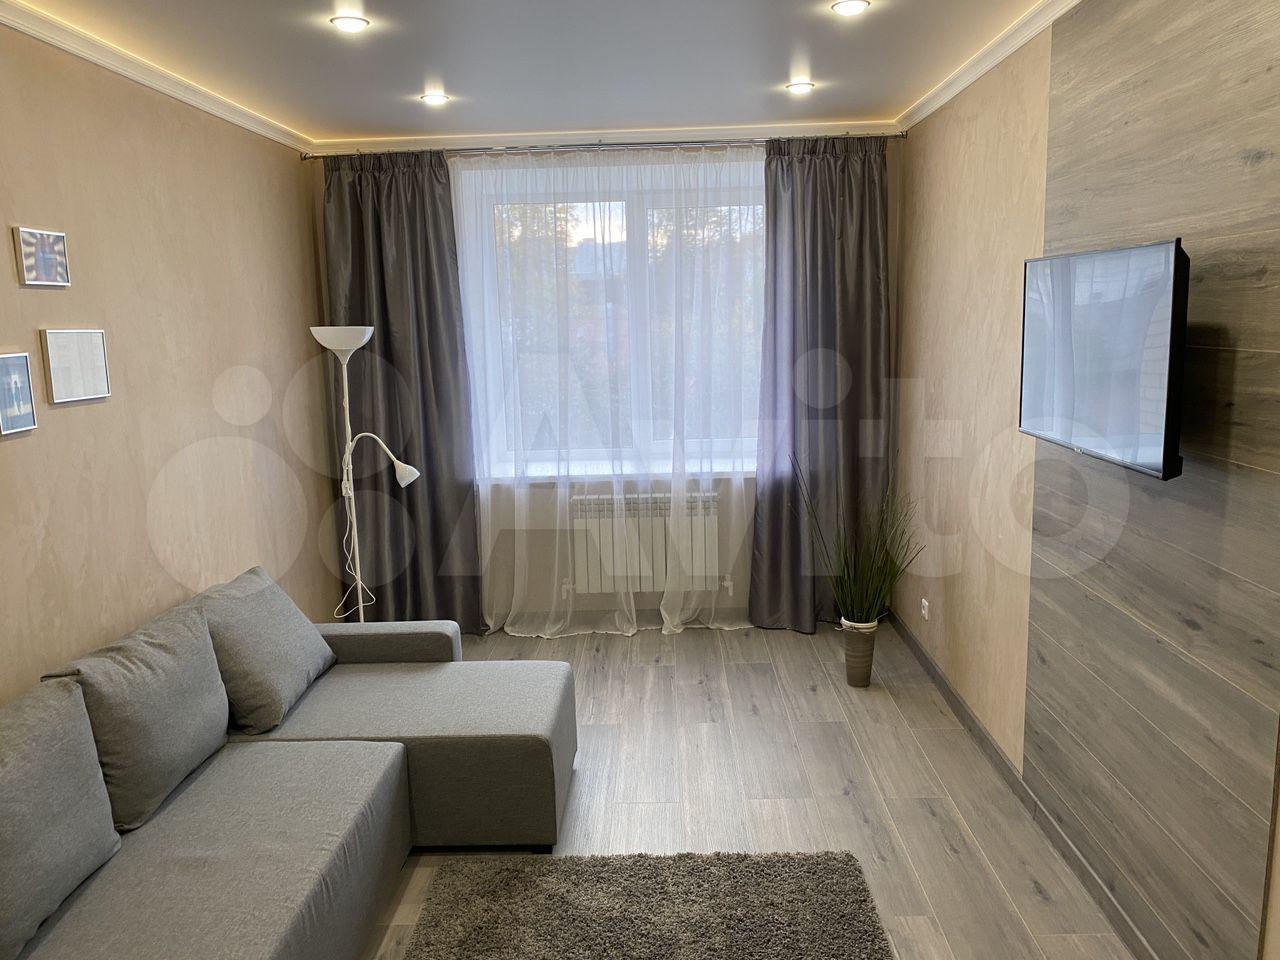 1-к квартира, 51 м², 2/3 эт.  89092547384 купить 1